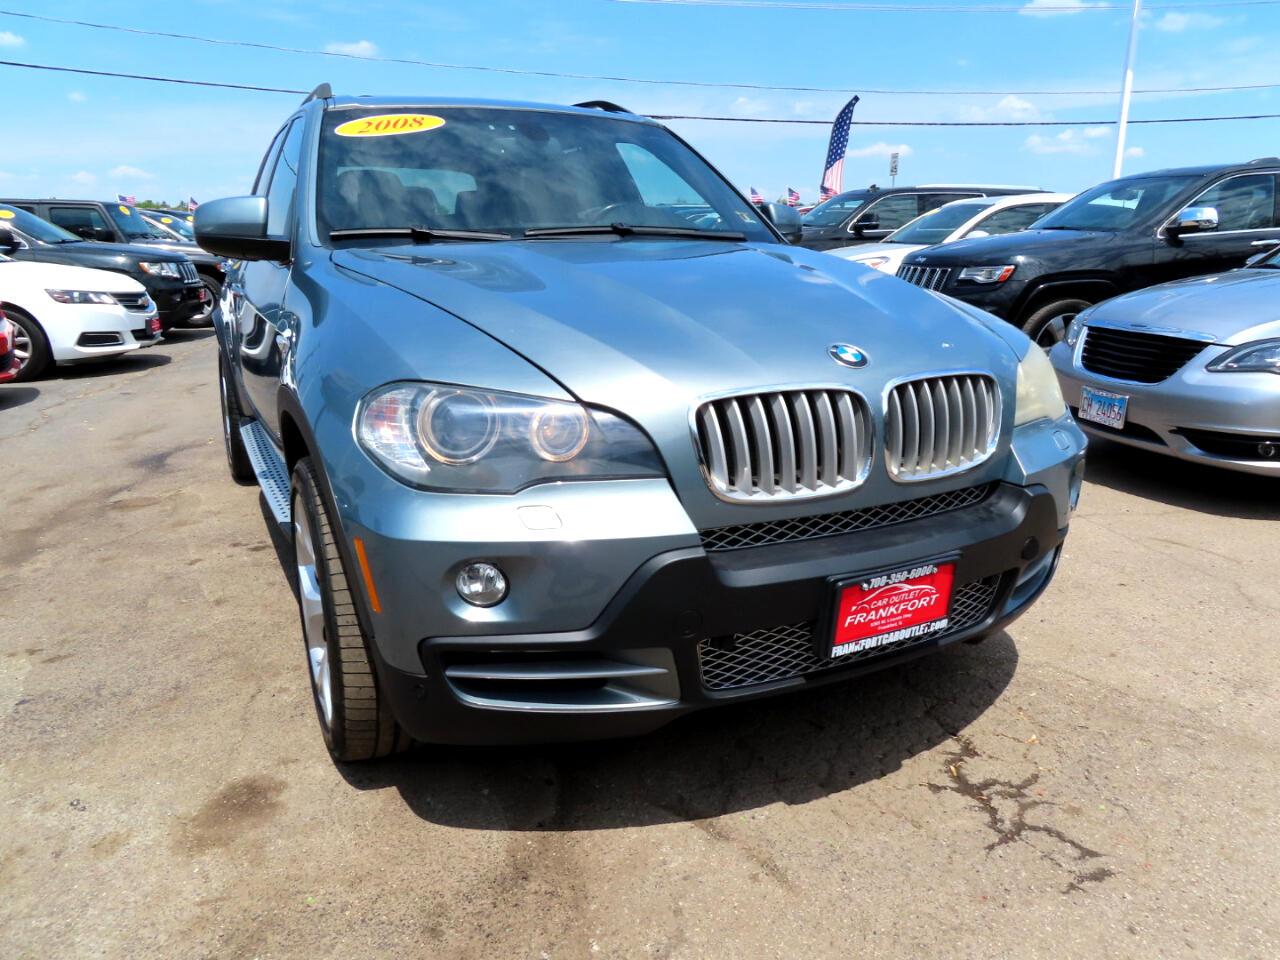 BMW X5 AWD 4dr 4.8i 2008